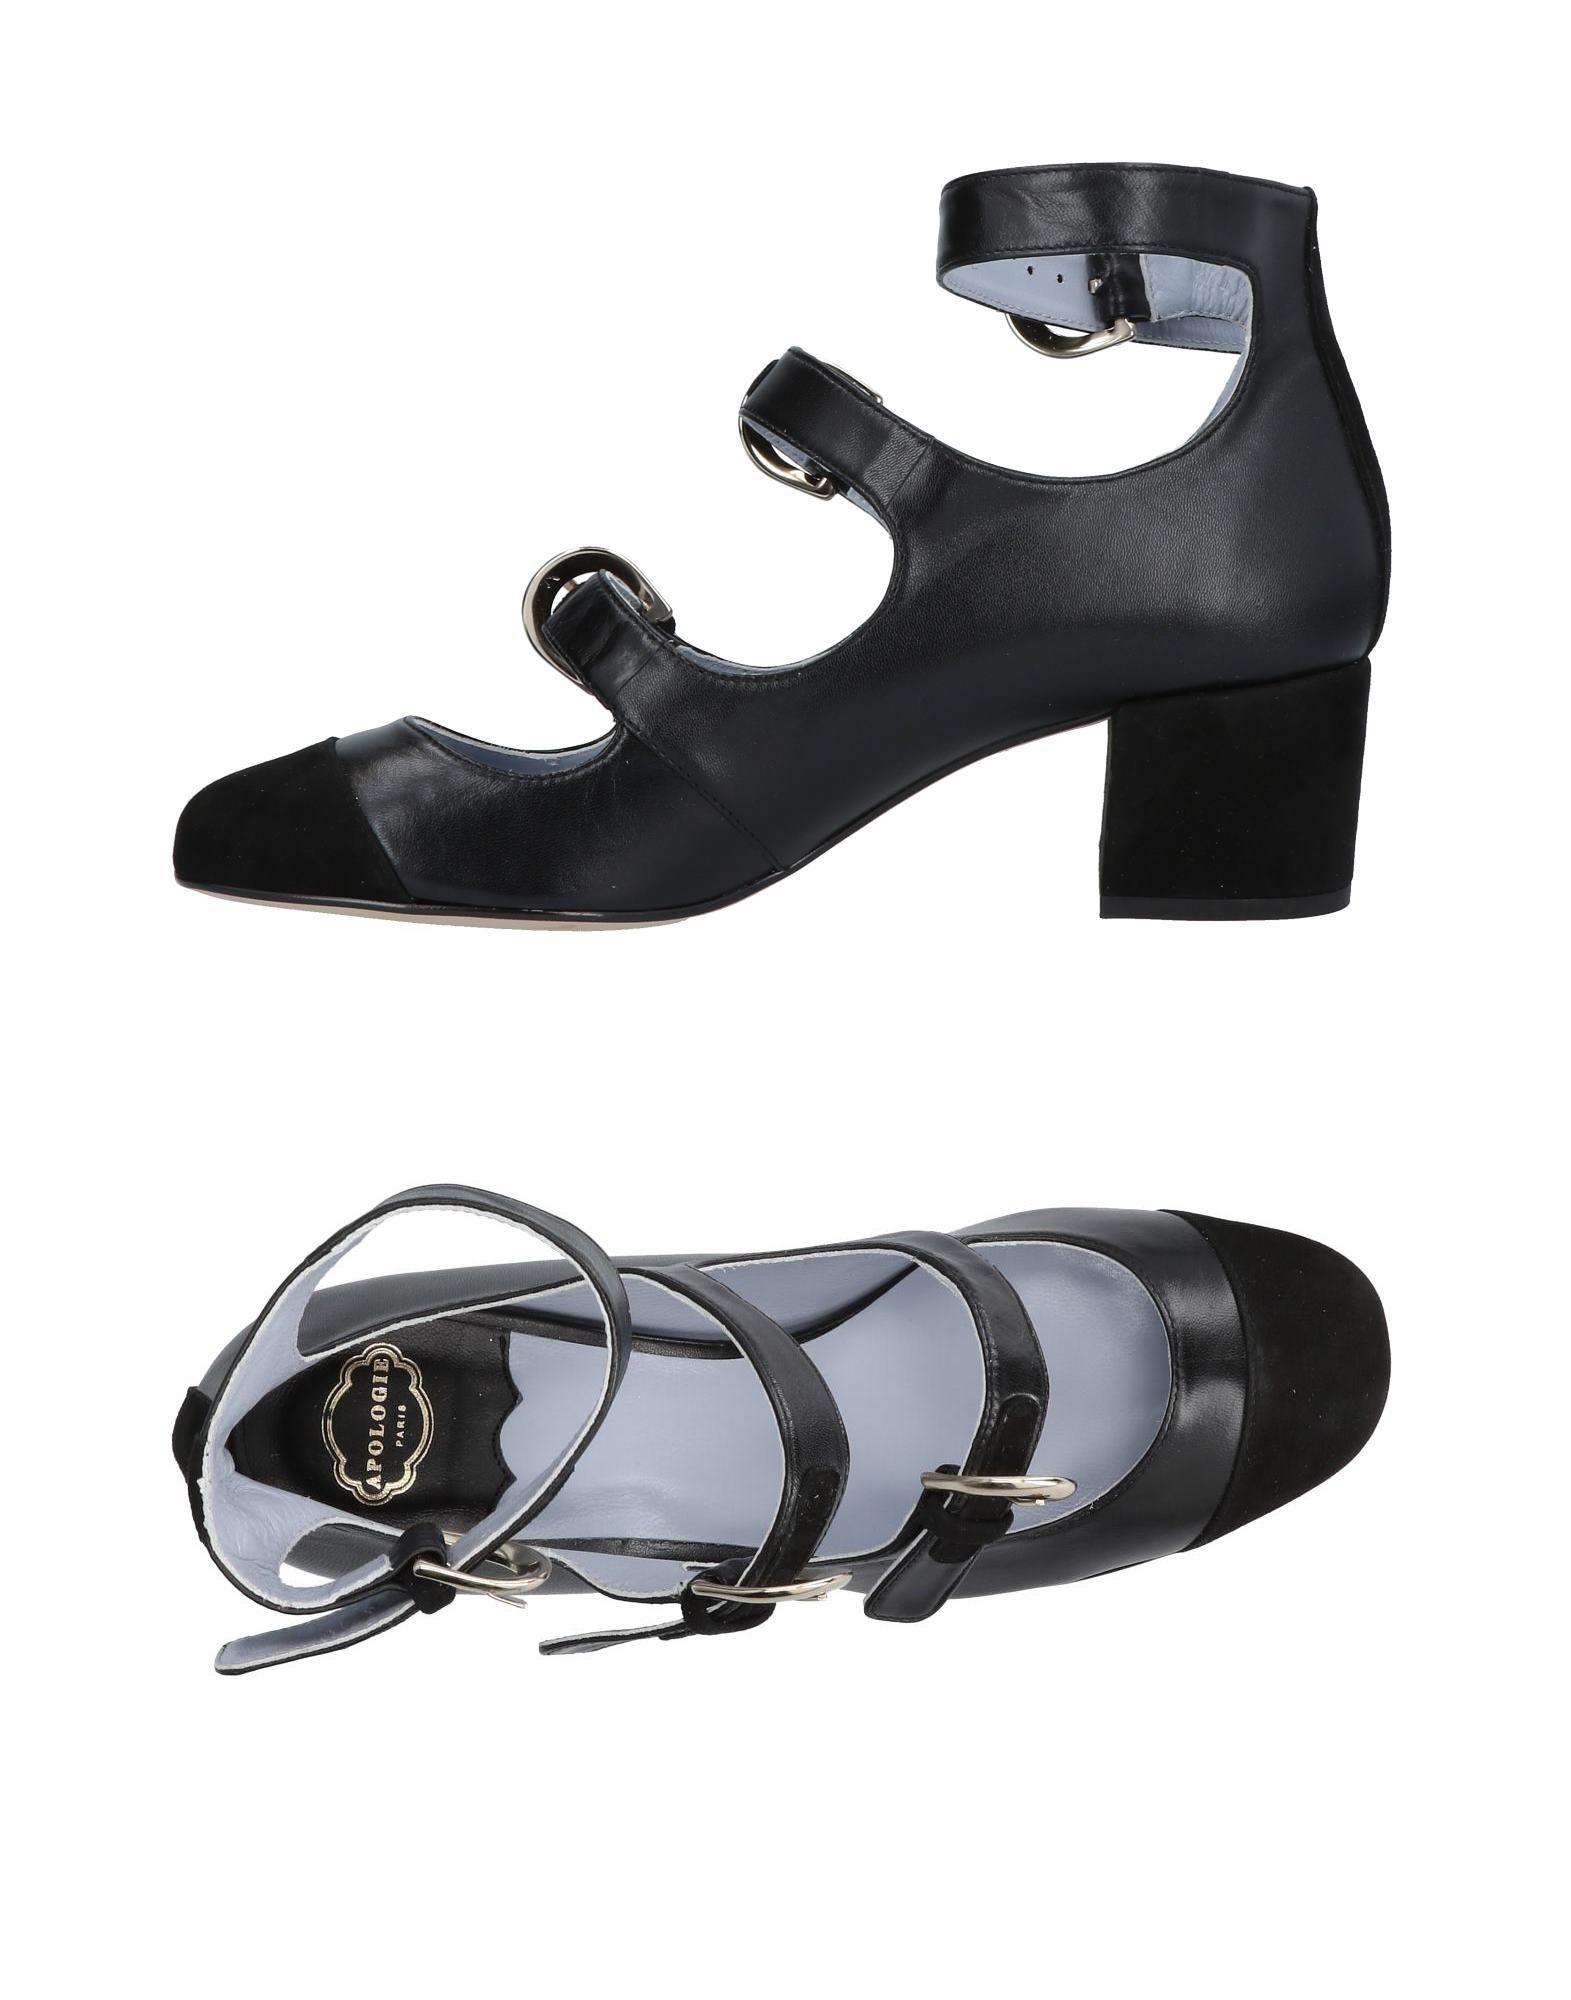 Apologie Pumps Damen  11431490CK Gute Qualität beliebte Schuhe